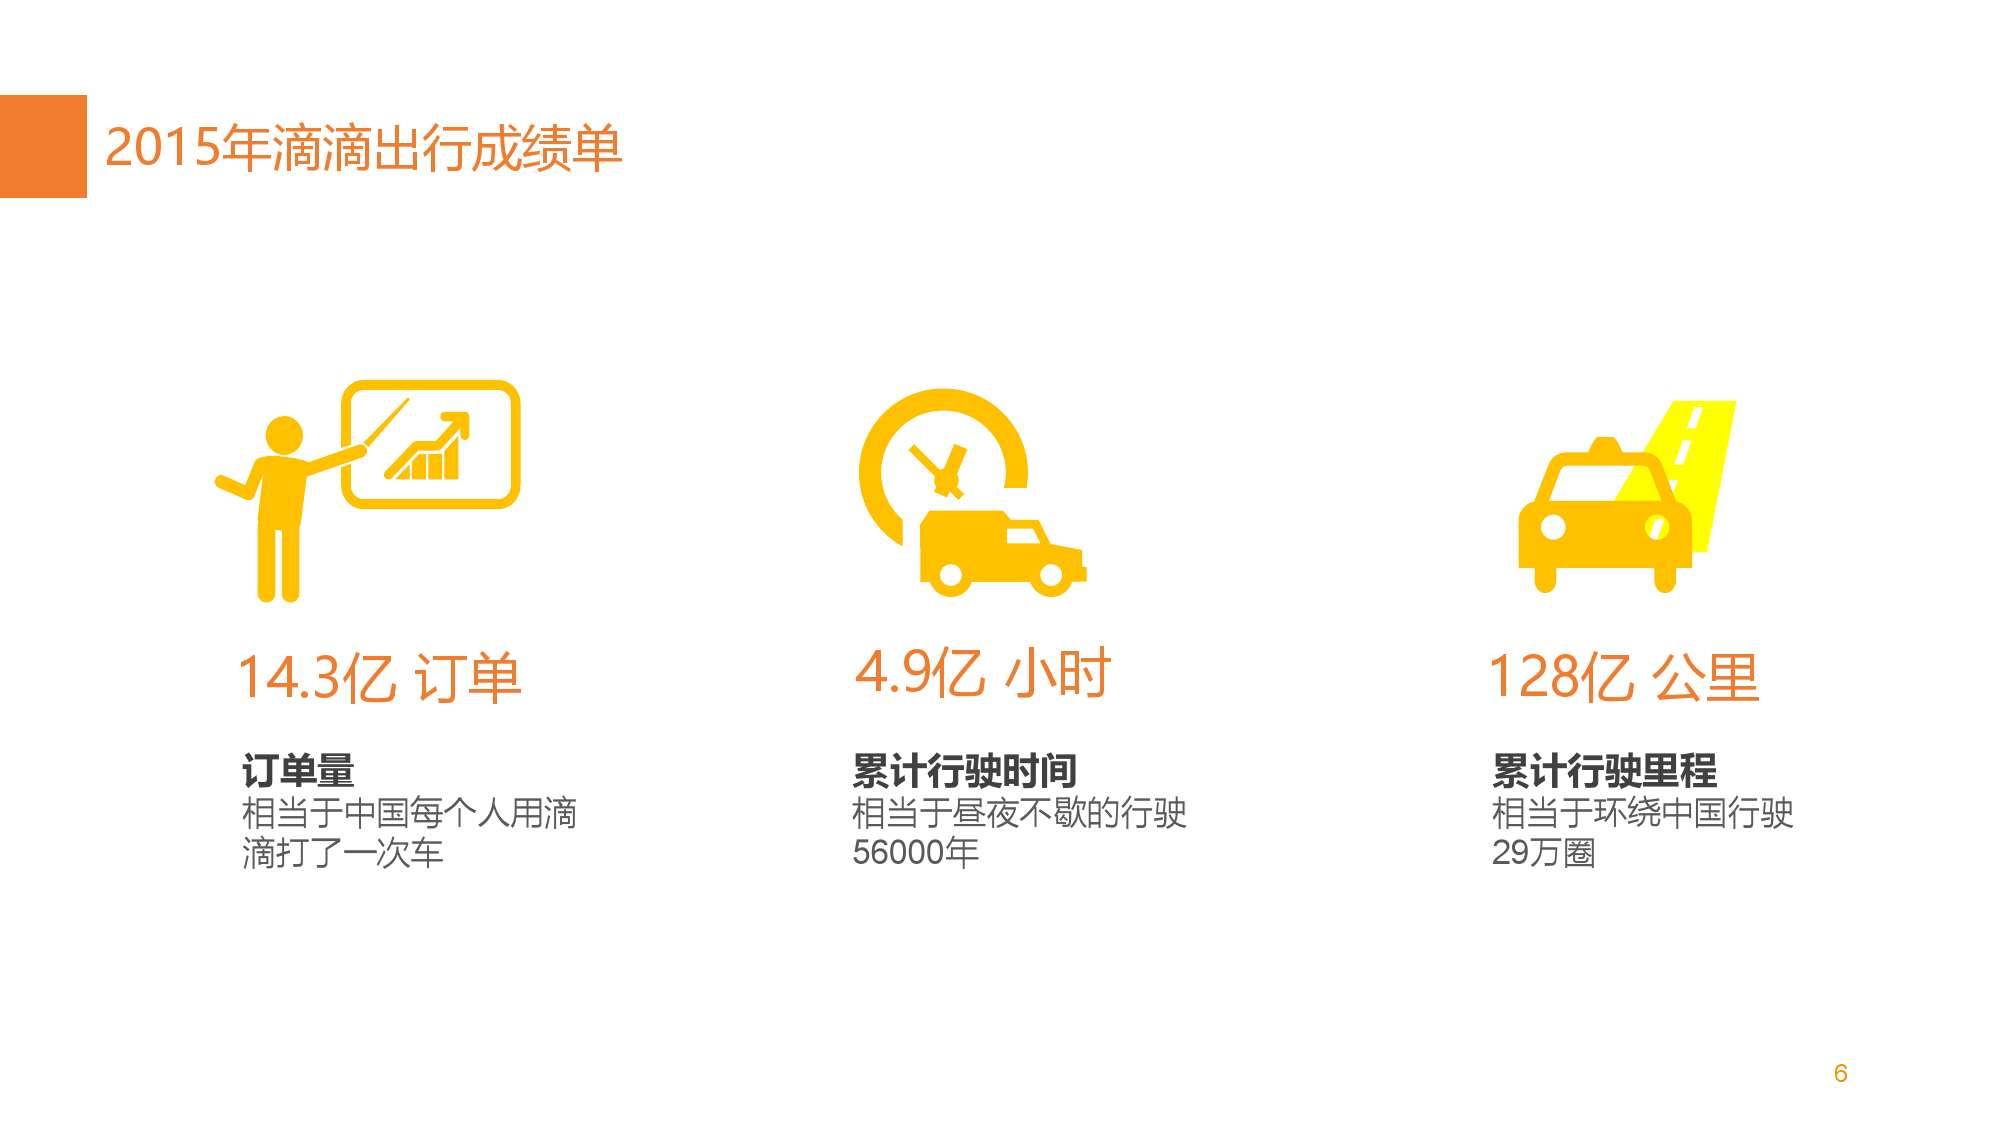 中国智能出行2015大数据报告_000008